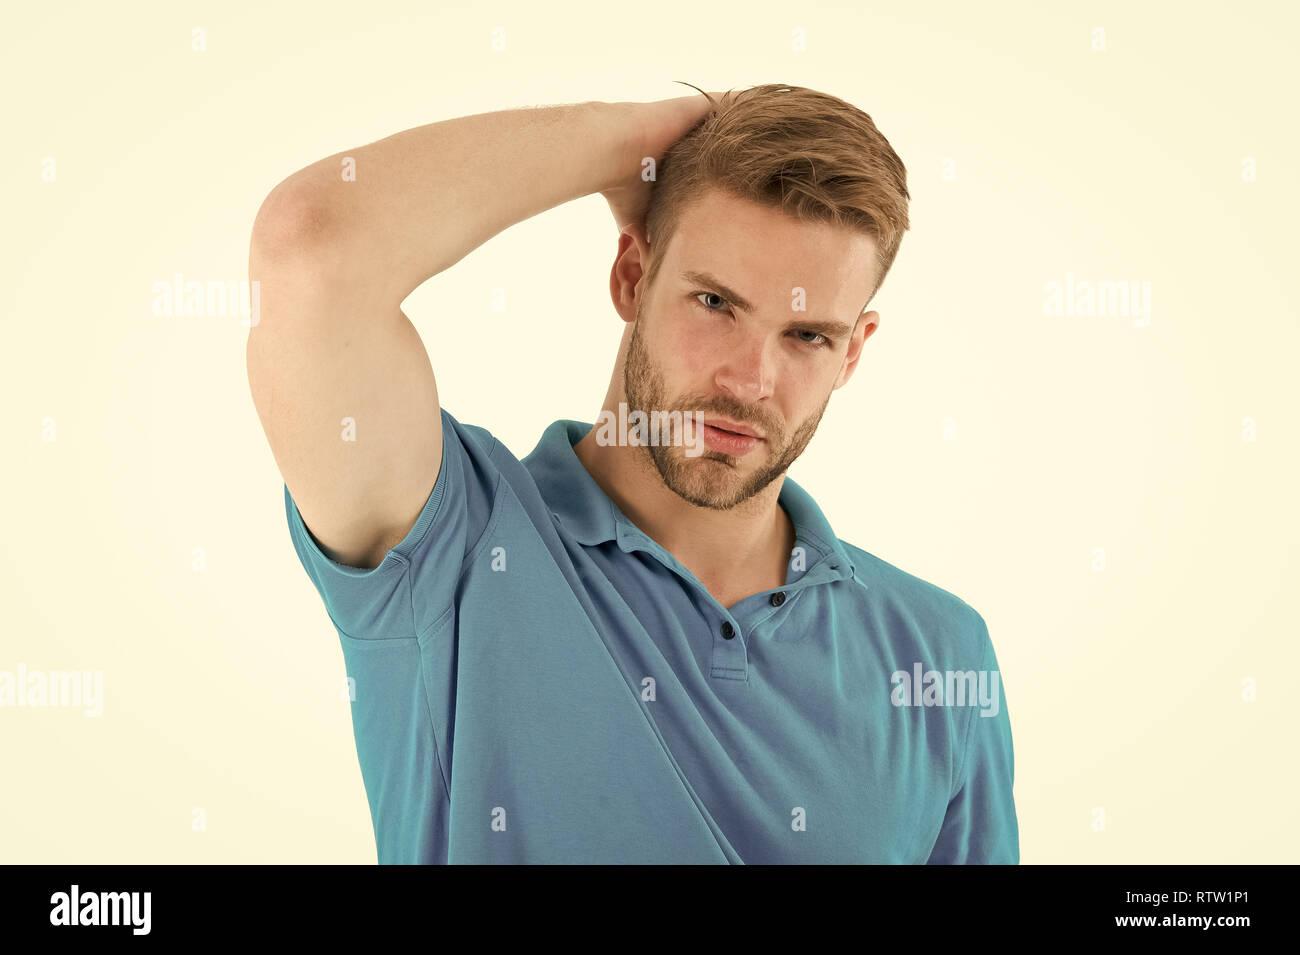 Antitranspirante eficaz. El hombre confía en su antitranspirante. Deportista después del entrenamiento contentos con antitranspirantes. Guy comprueba la axila seca satisfecho con ropa limpia. Prevenir, reducir la transpiración. Imagen De Stock